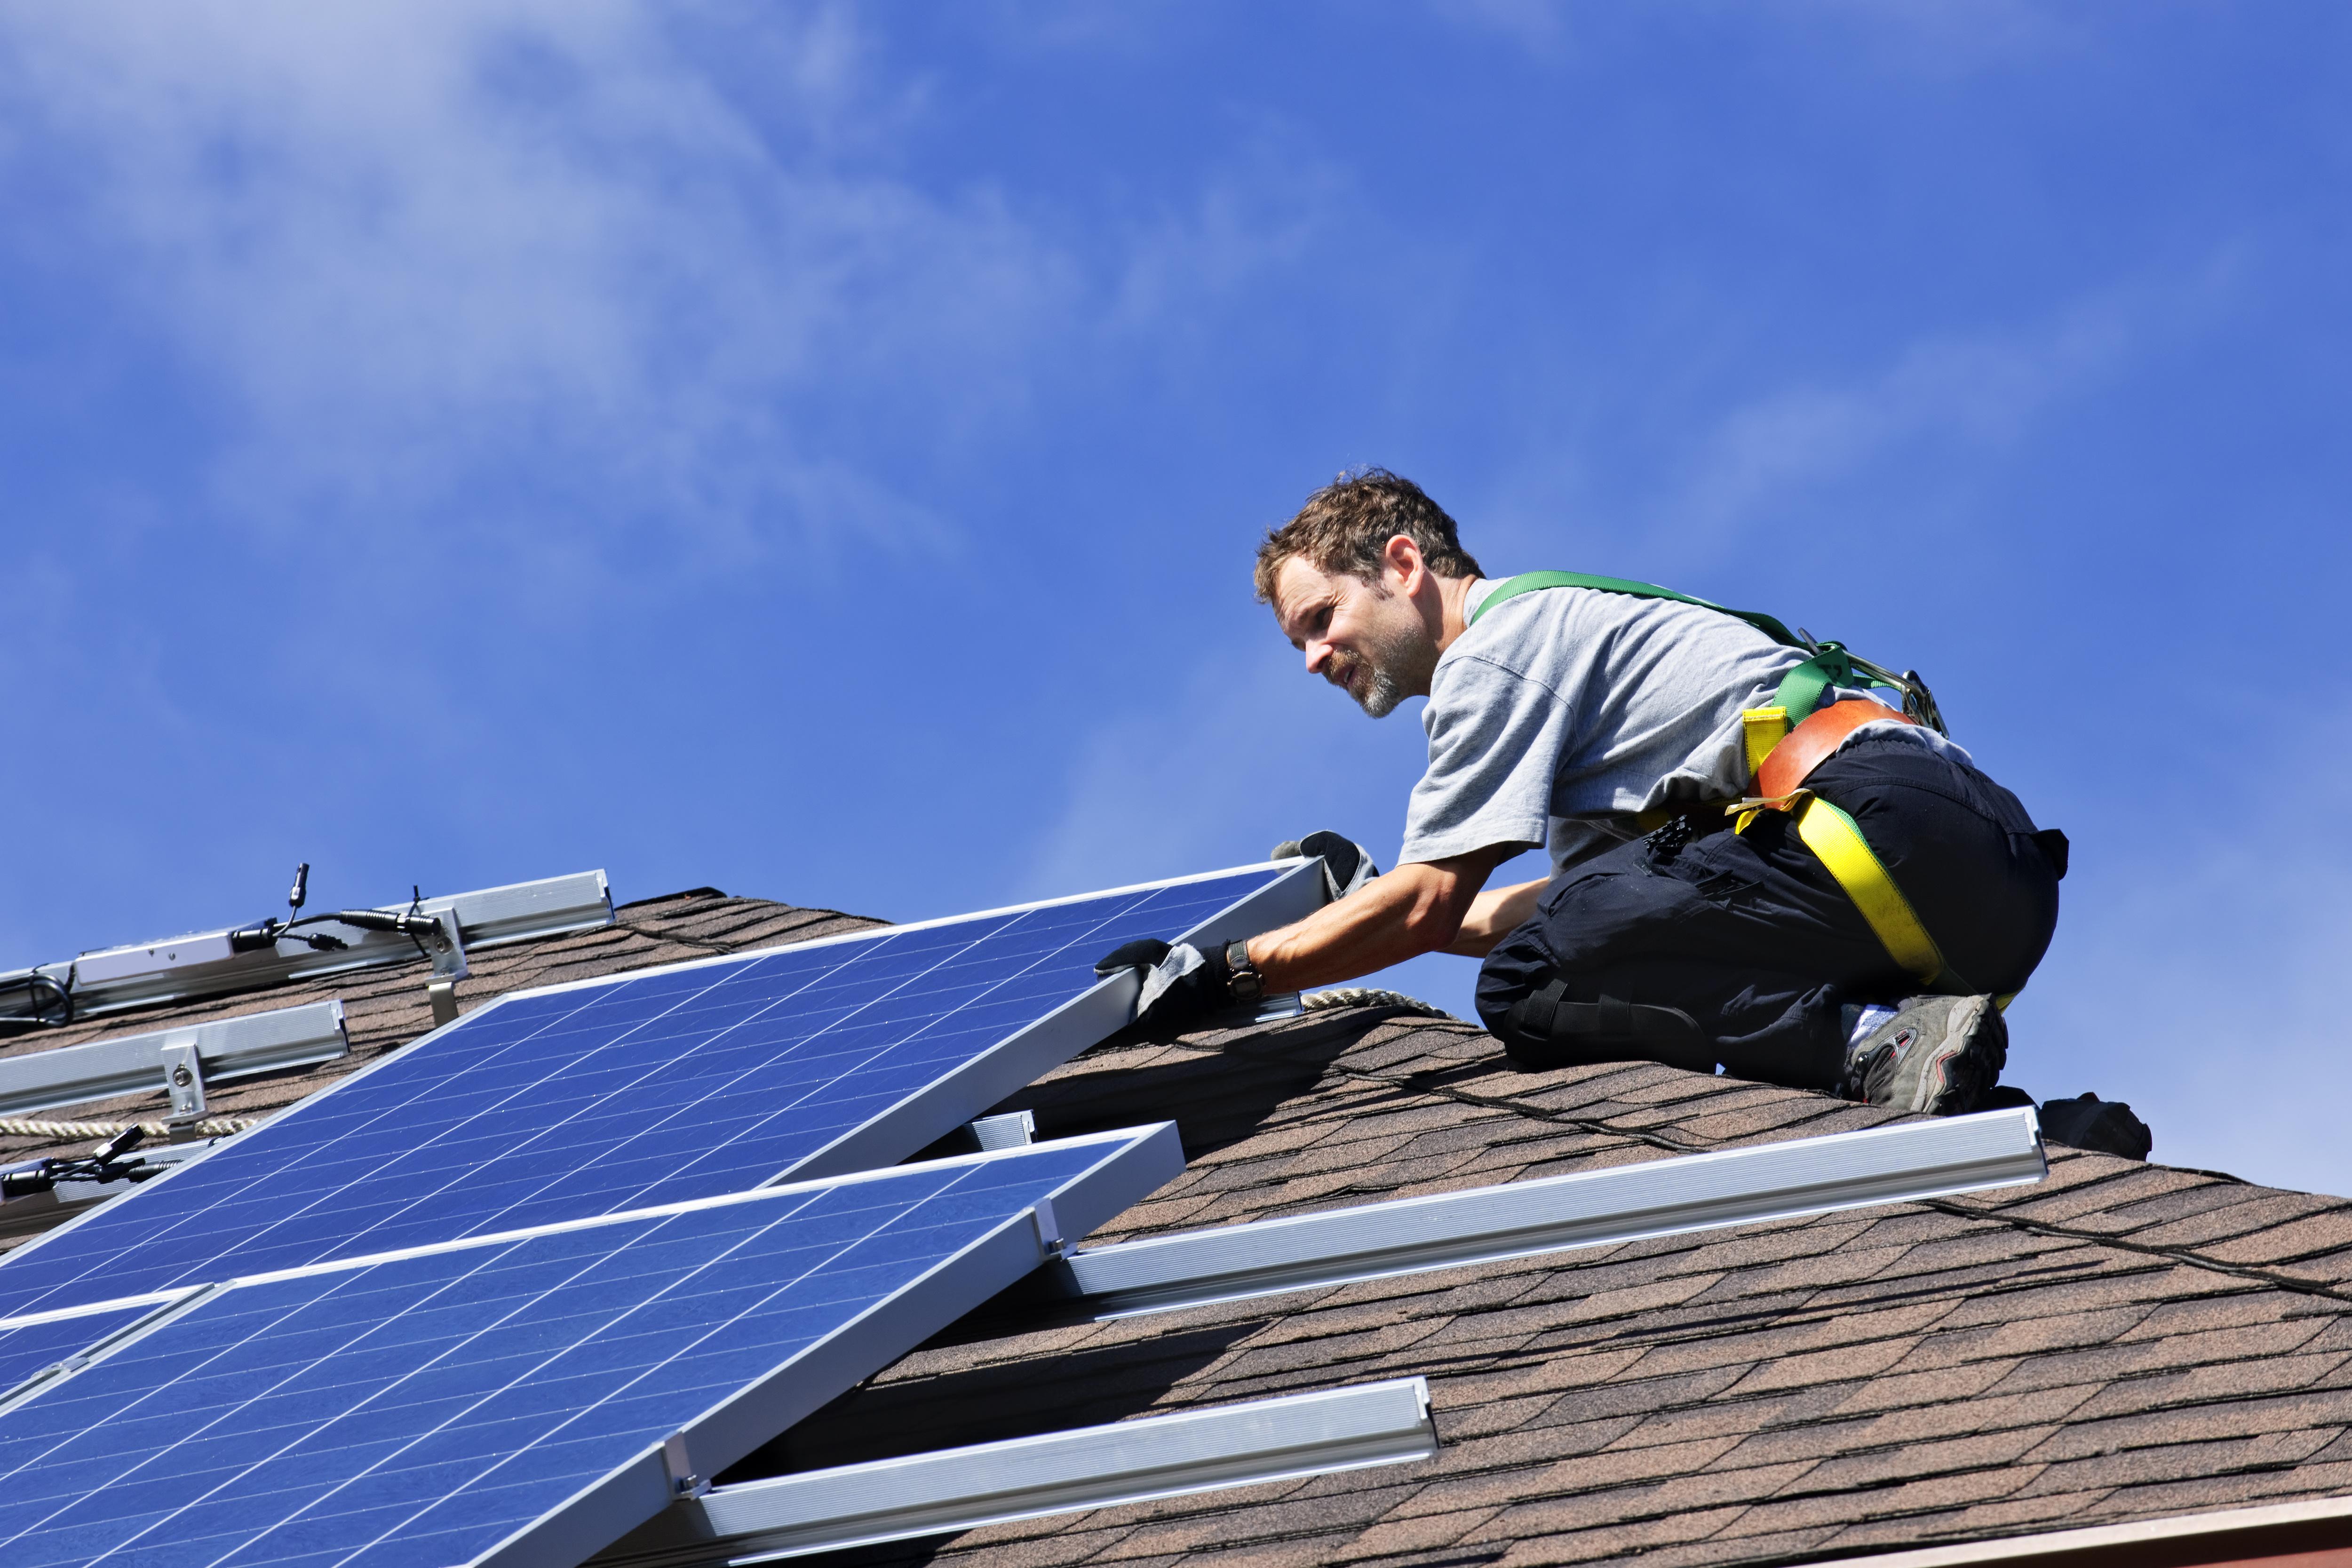 Le décret doit favoriser l'autoconsommation de l'électricité renouvelable produite sur place, notamment l'énergie issue de panneaux solaires photovoltaïques. crédit Fotolia